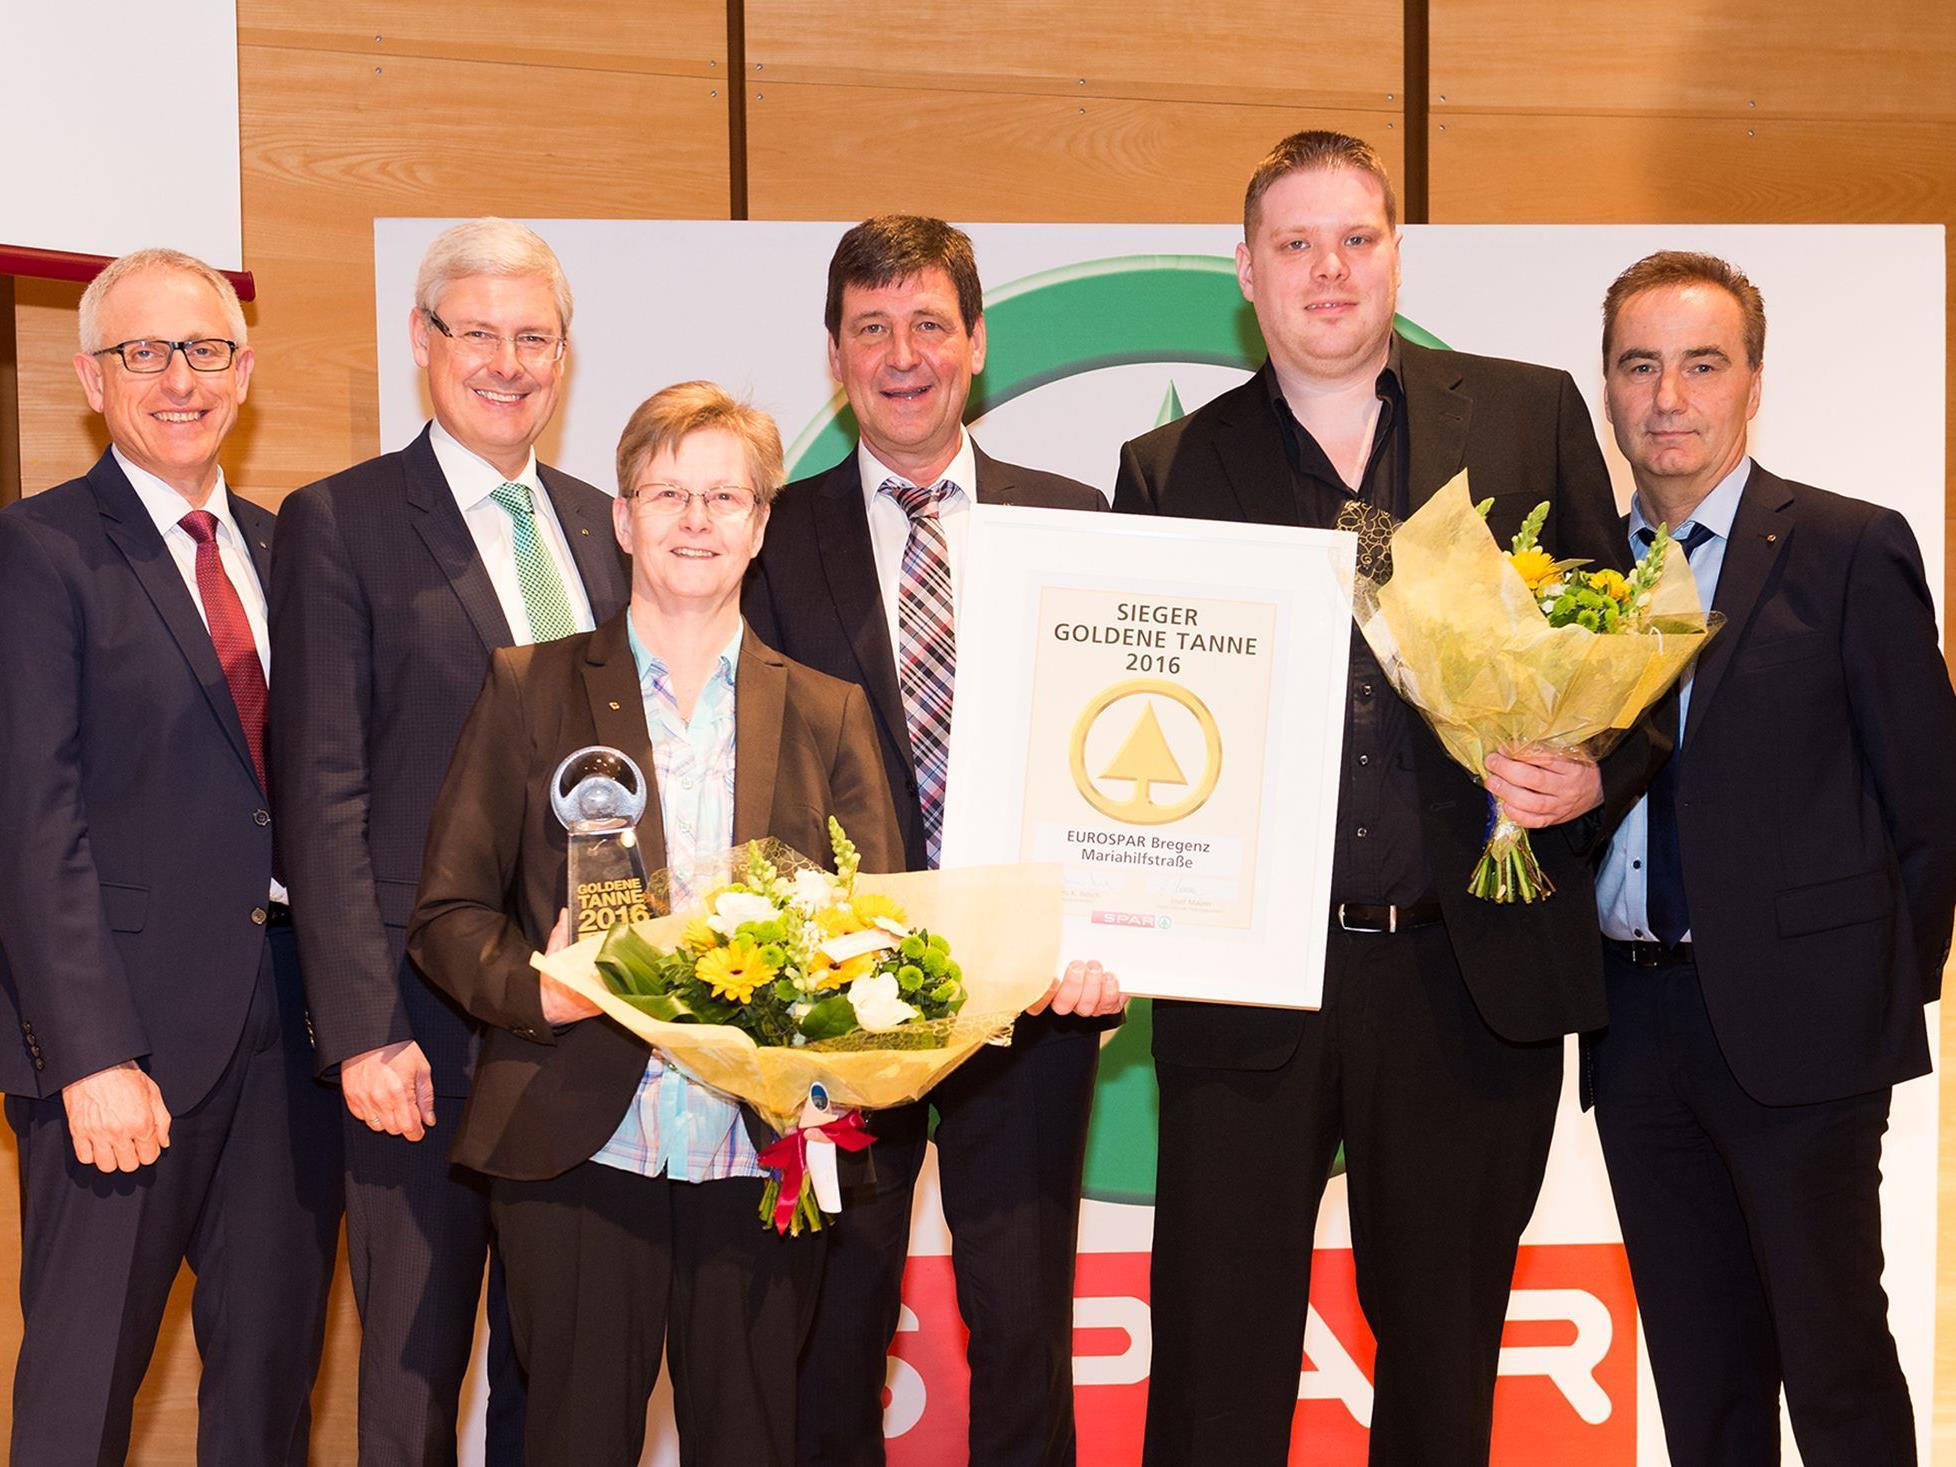 """Marktleiterin Sigrid Vögel und ihr Stellvertreter Christian Behrend freuen sich über die höchste SPAR-interne Auszeichnung, die """"Goldene Tanne 2016""""."""